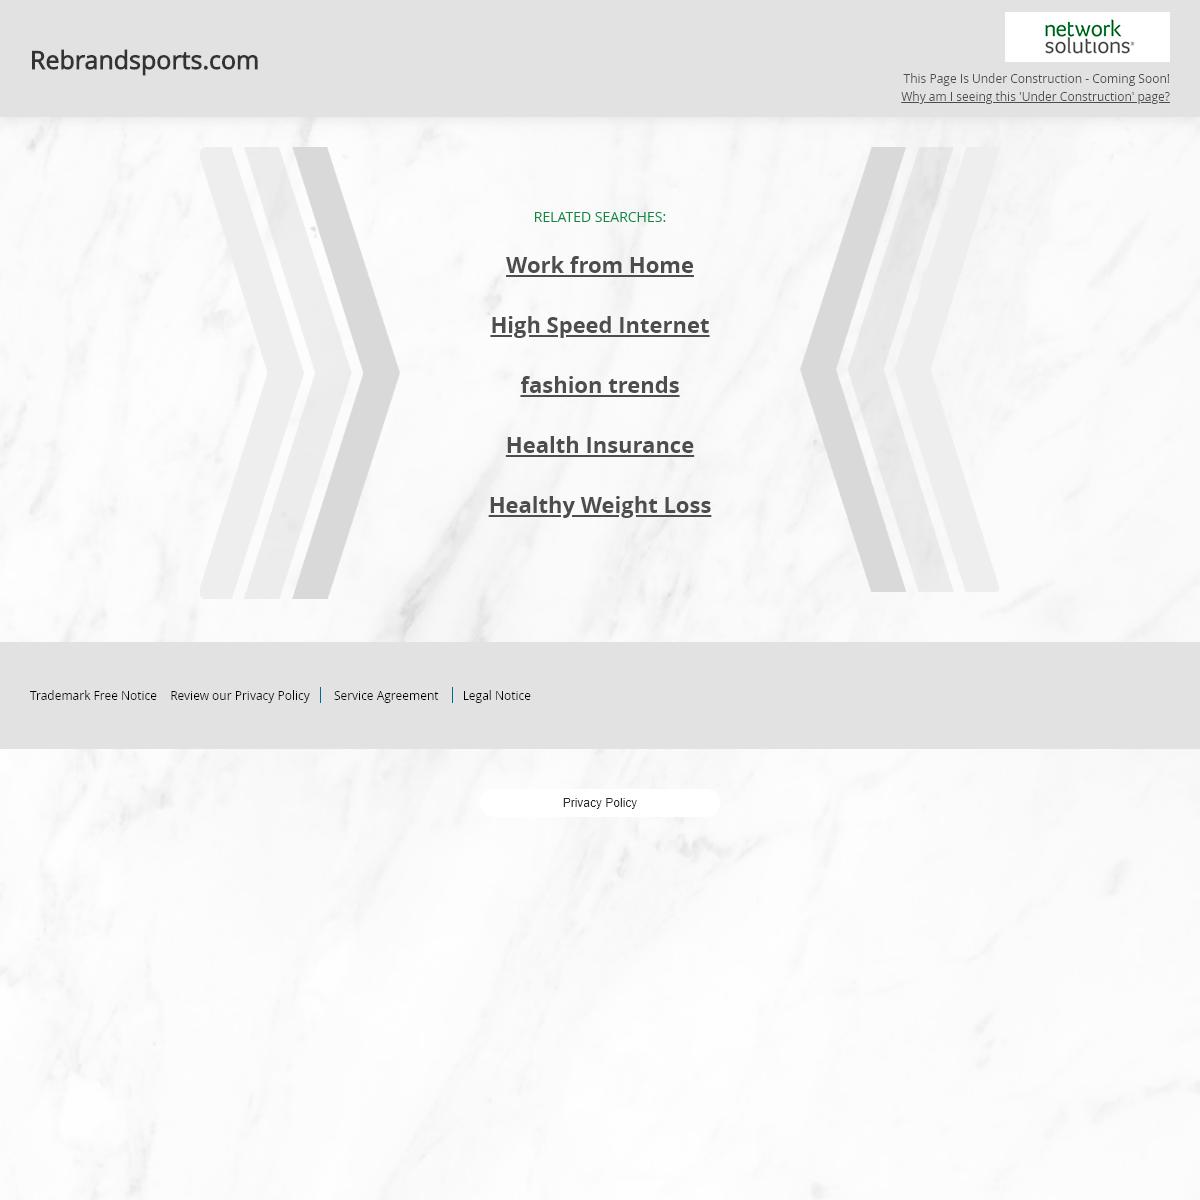 Rebrandsports.com